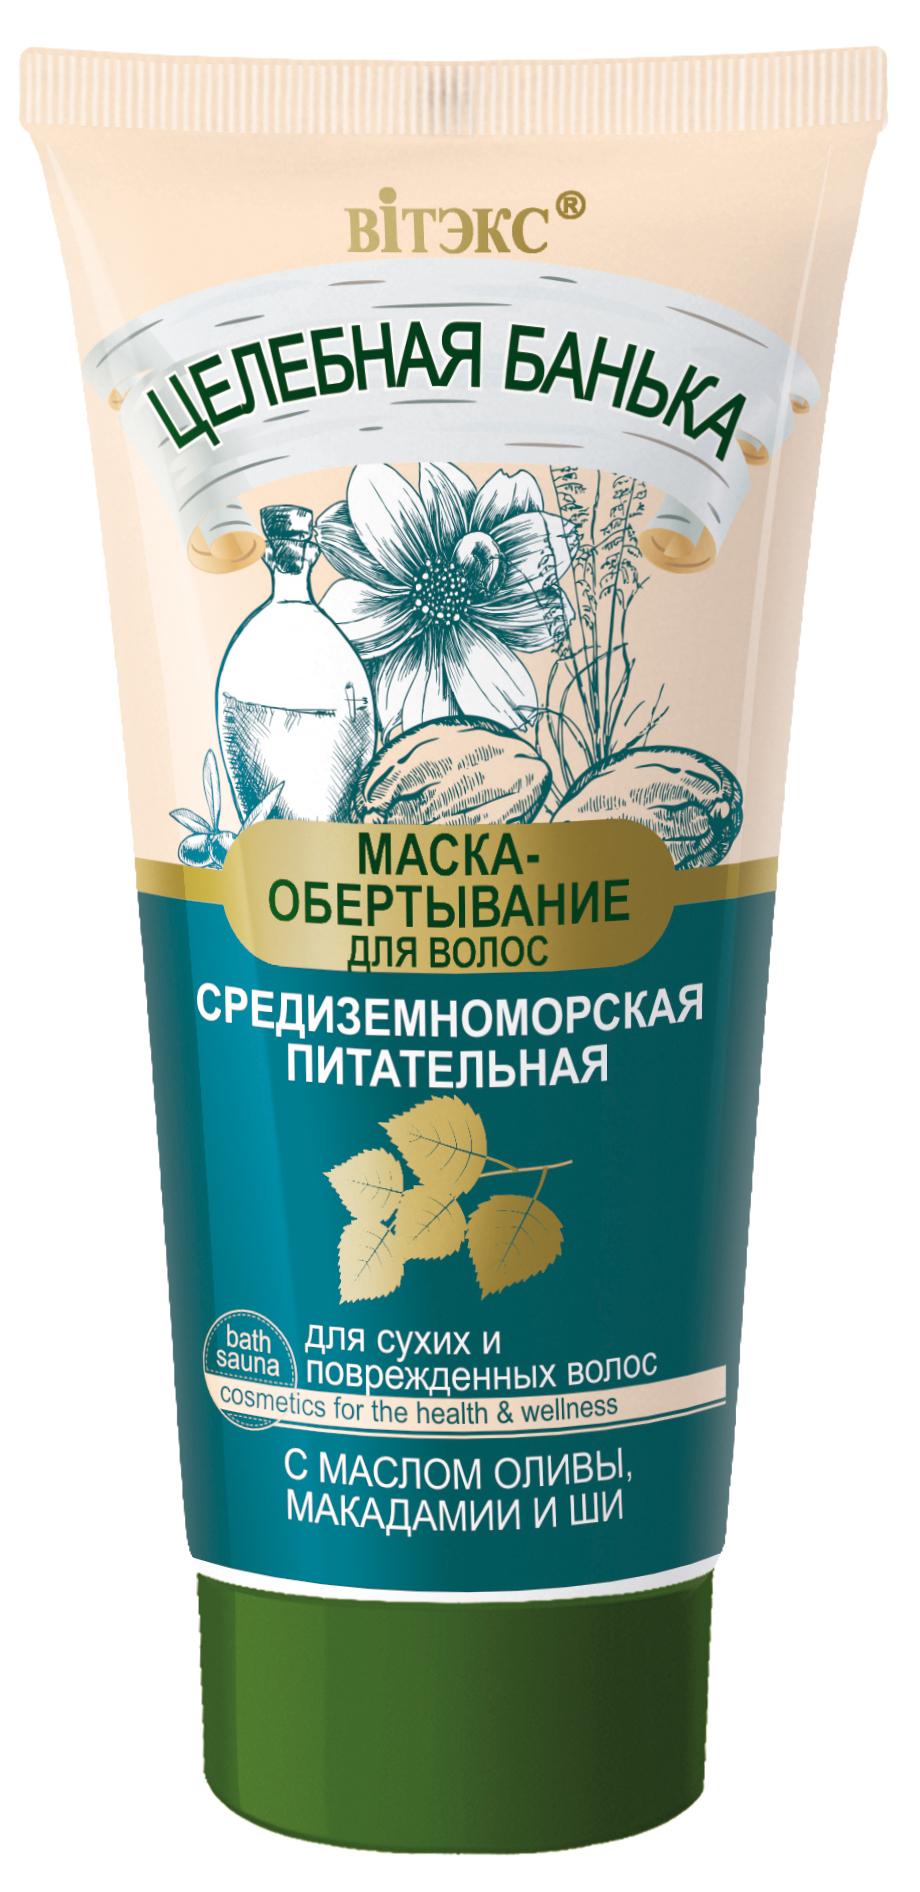 Средиземноморская питательная маска-обертывание для сухих и поврежденных волос со скидкой до 20%